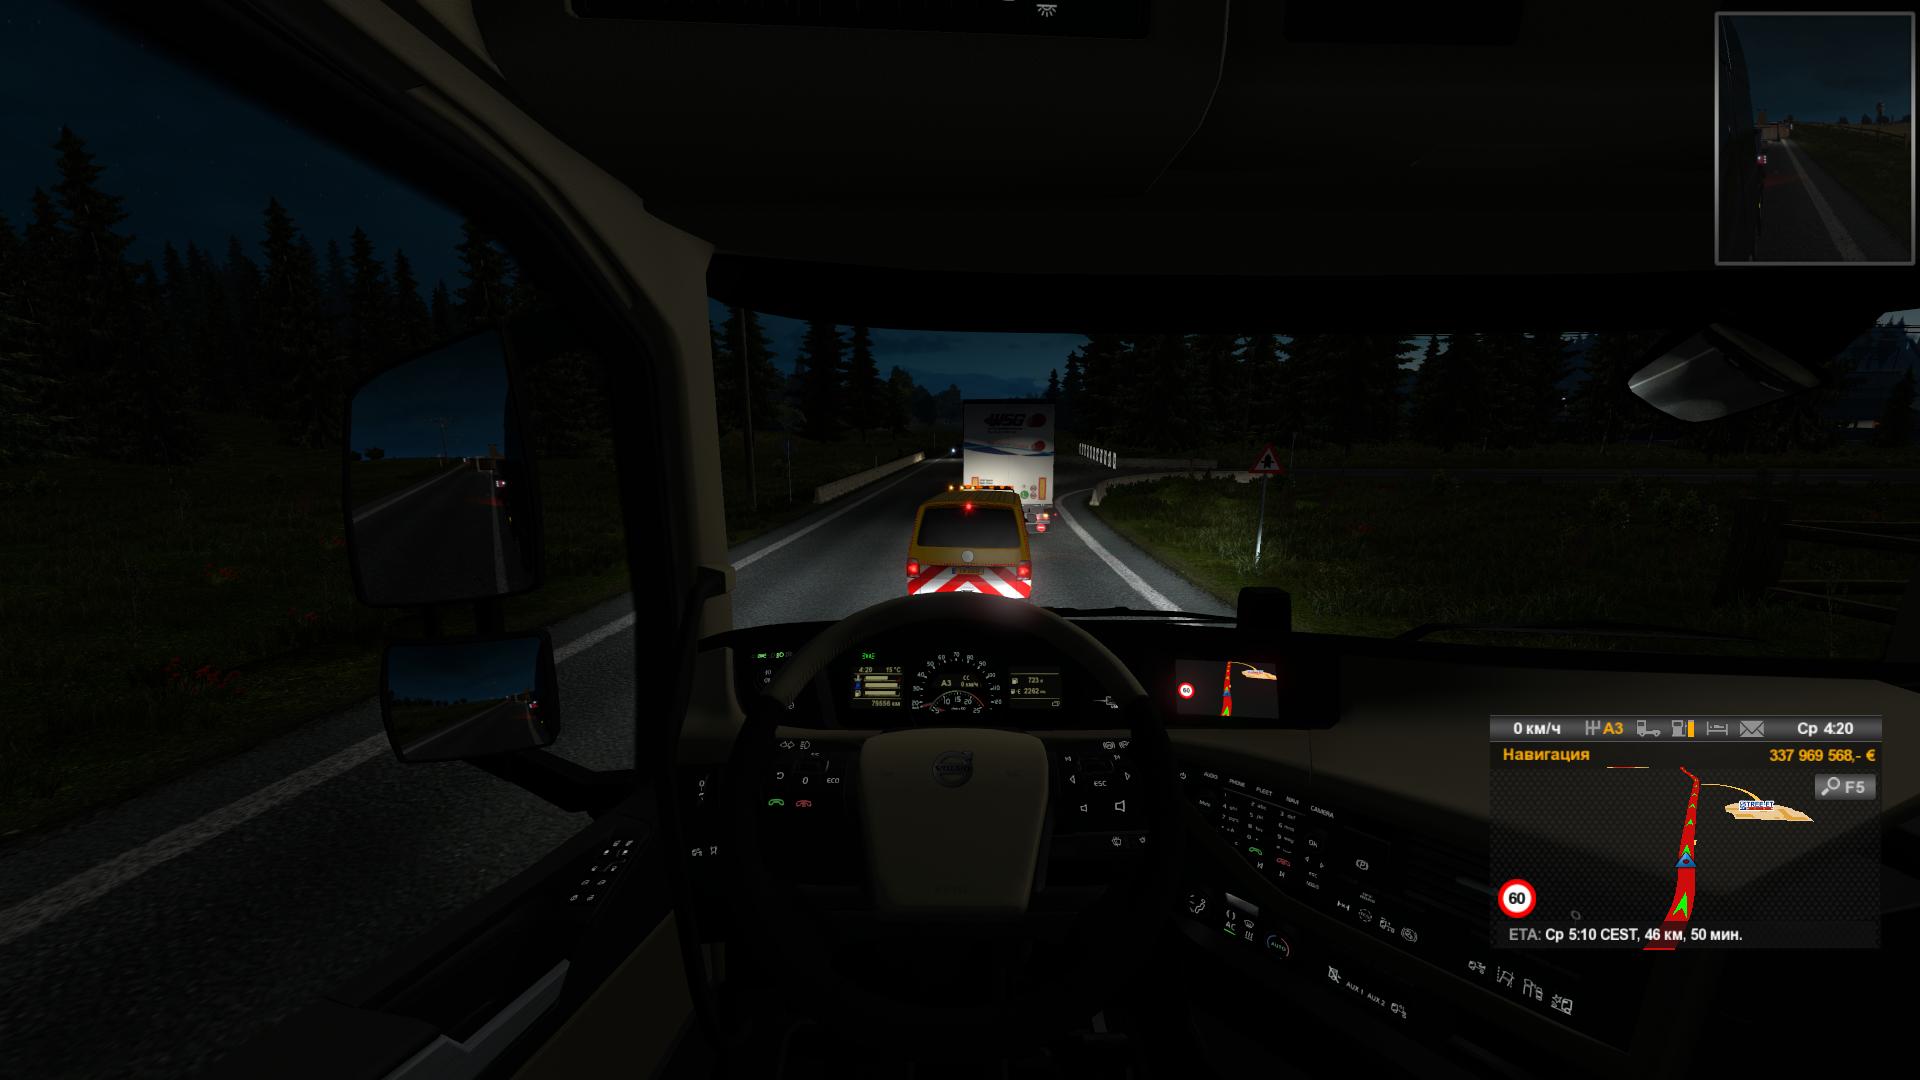 eurotrucks2_2017_12_29_23_30_54_518.png - Euro Truck Simulator 2